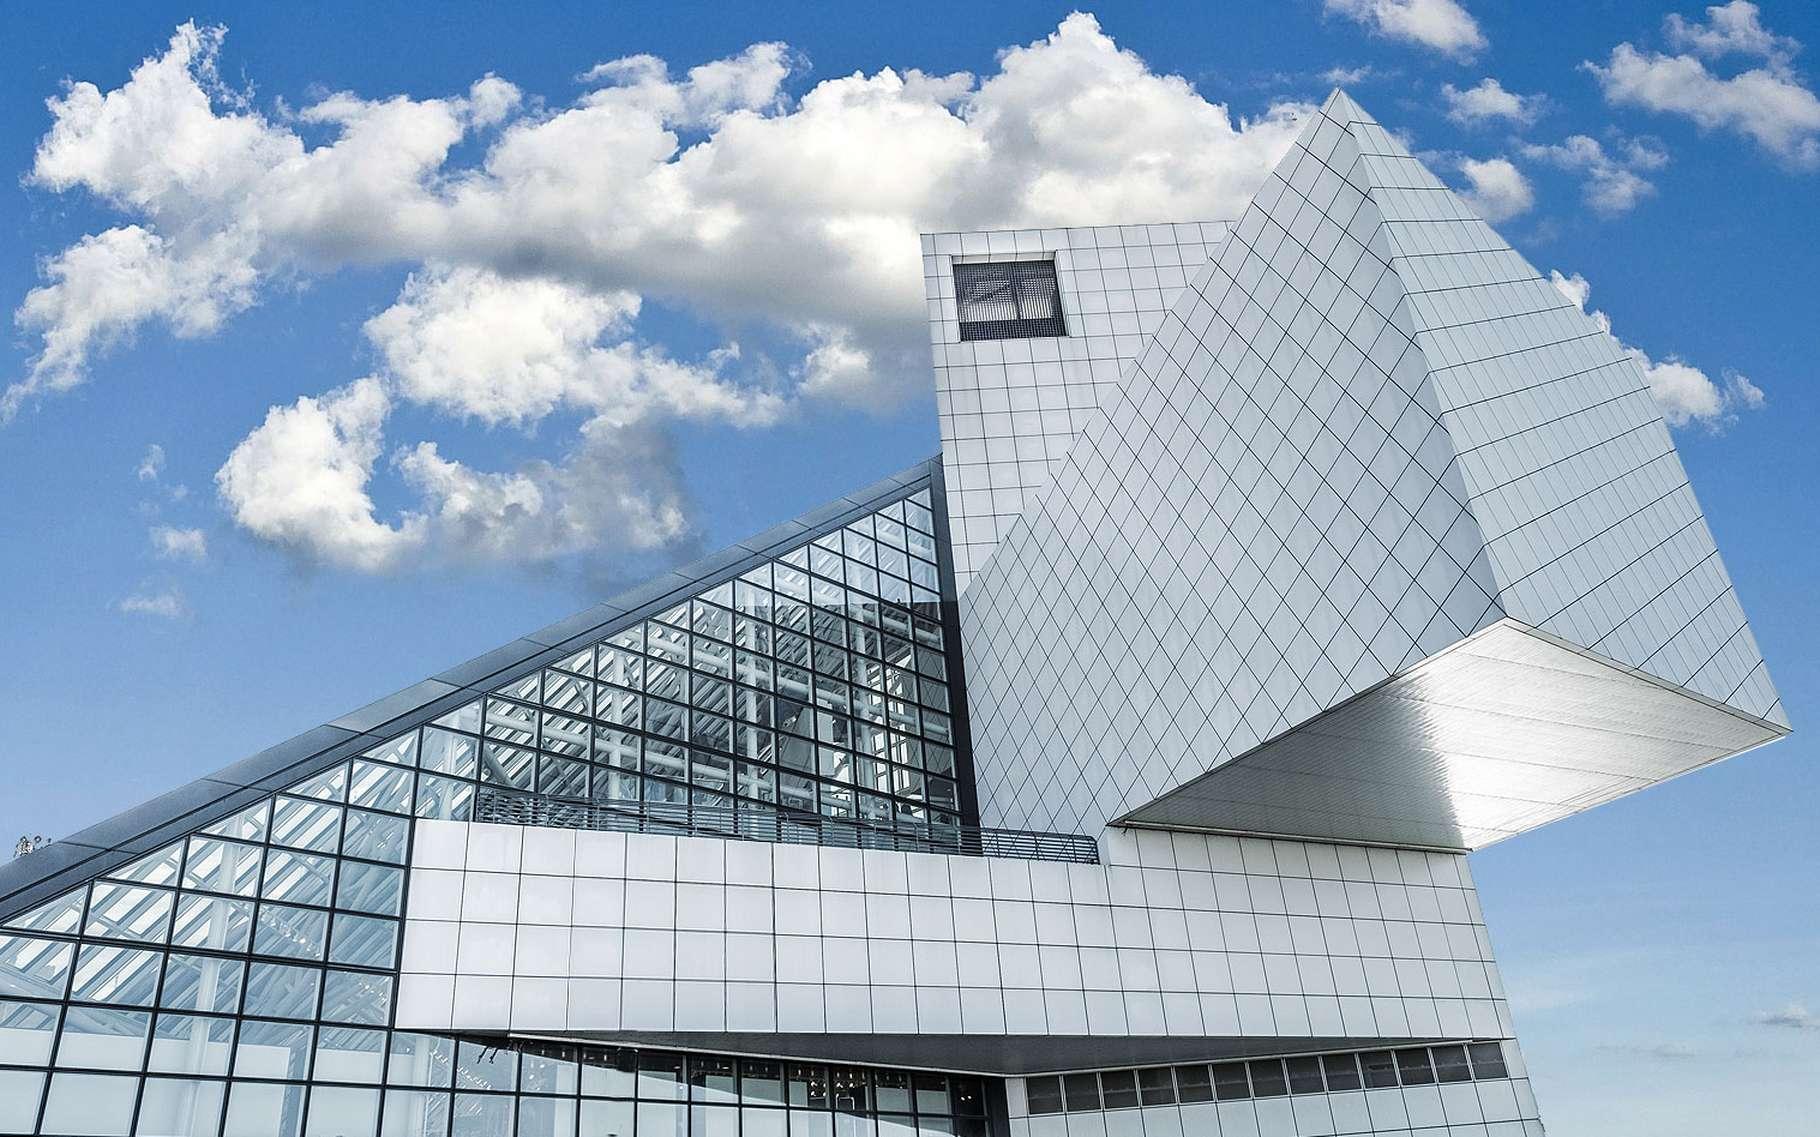 Le Rock and Roll Hall of Fame and Museum — comprenez, le panthéon du rock and roll — a ouvert ses portes à Cleveland (États-Unis) en 1995. Il renferme des archives des moments réputés les plus significatifs de l'histoire du rock and roll. Et il est l'œuvre de l'architecte Ieoh Ming Pei qui l'a imaginé comme venant «faire écho à l'énergie du rock and roll».Le bâtiment se dresse sur les rives du lac Érié. Il se présente comme une combinaison de formes géométriques et d'espaces en porte-à-faux, ancrés par une tour de près de 50 mètres qui supporte une impressionnante «tente» en verre. © Lanceanderson, Wikimedia commons, DP